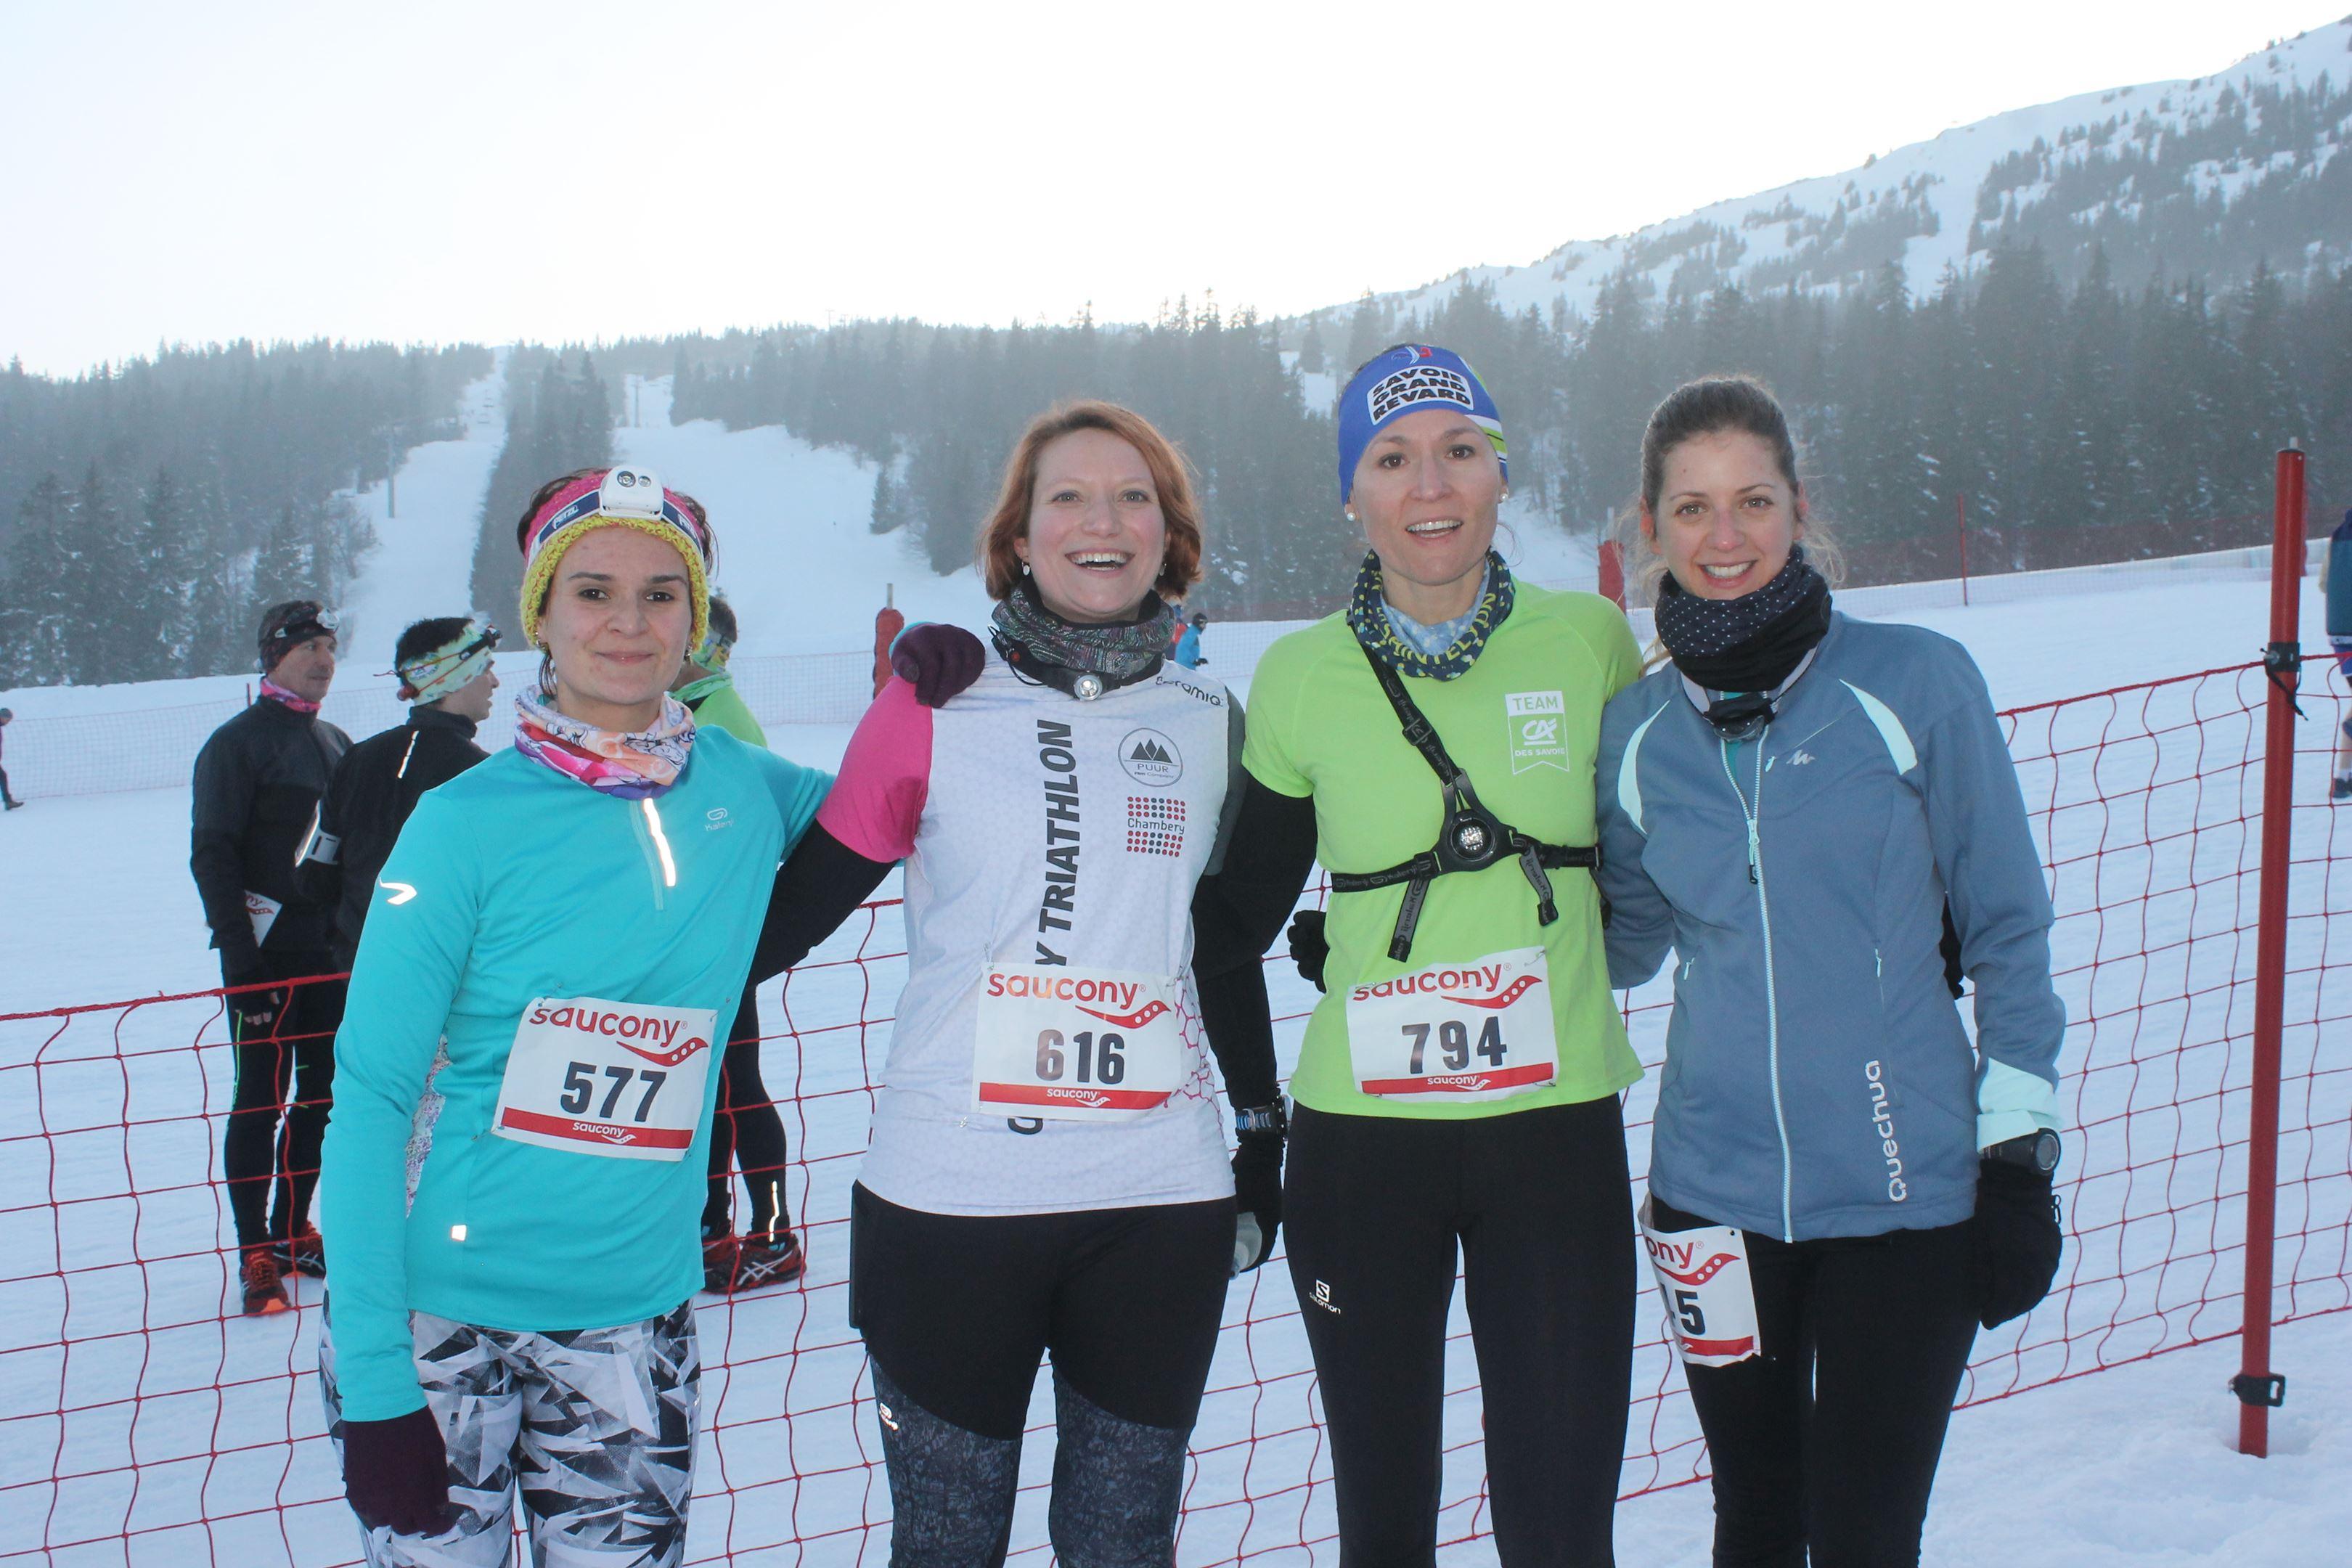 copie 0 les filles de chambéry triathlon - RESULTATS, PHOTOS ET COMMENTAIRES DU TRAIL DE LA FÉE BLANCHE (LES AILLONS MARGERIAZ 73) 24-02-2018